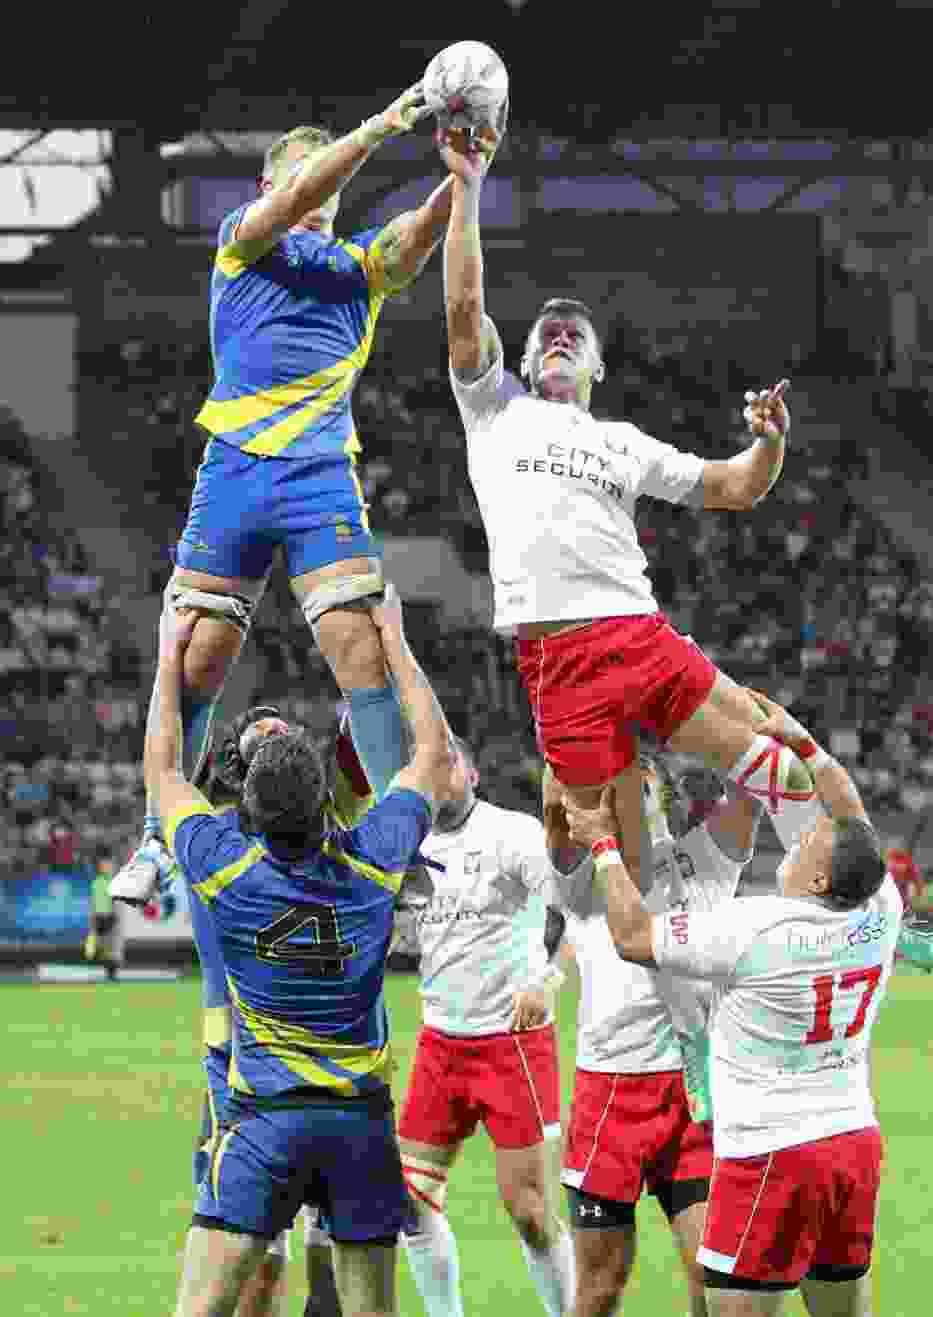 Bilety na mecz rugby. Zobacz na żywo reprezentację Polski [KONKURS]